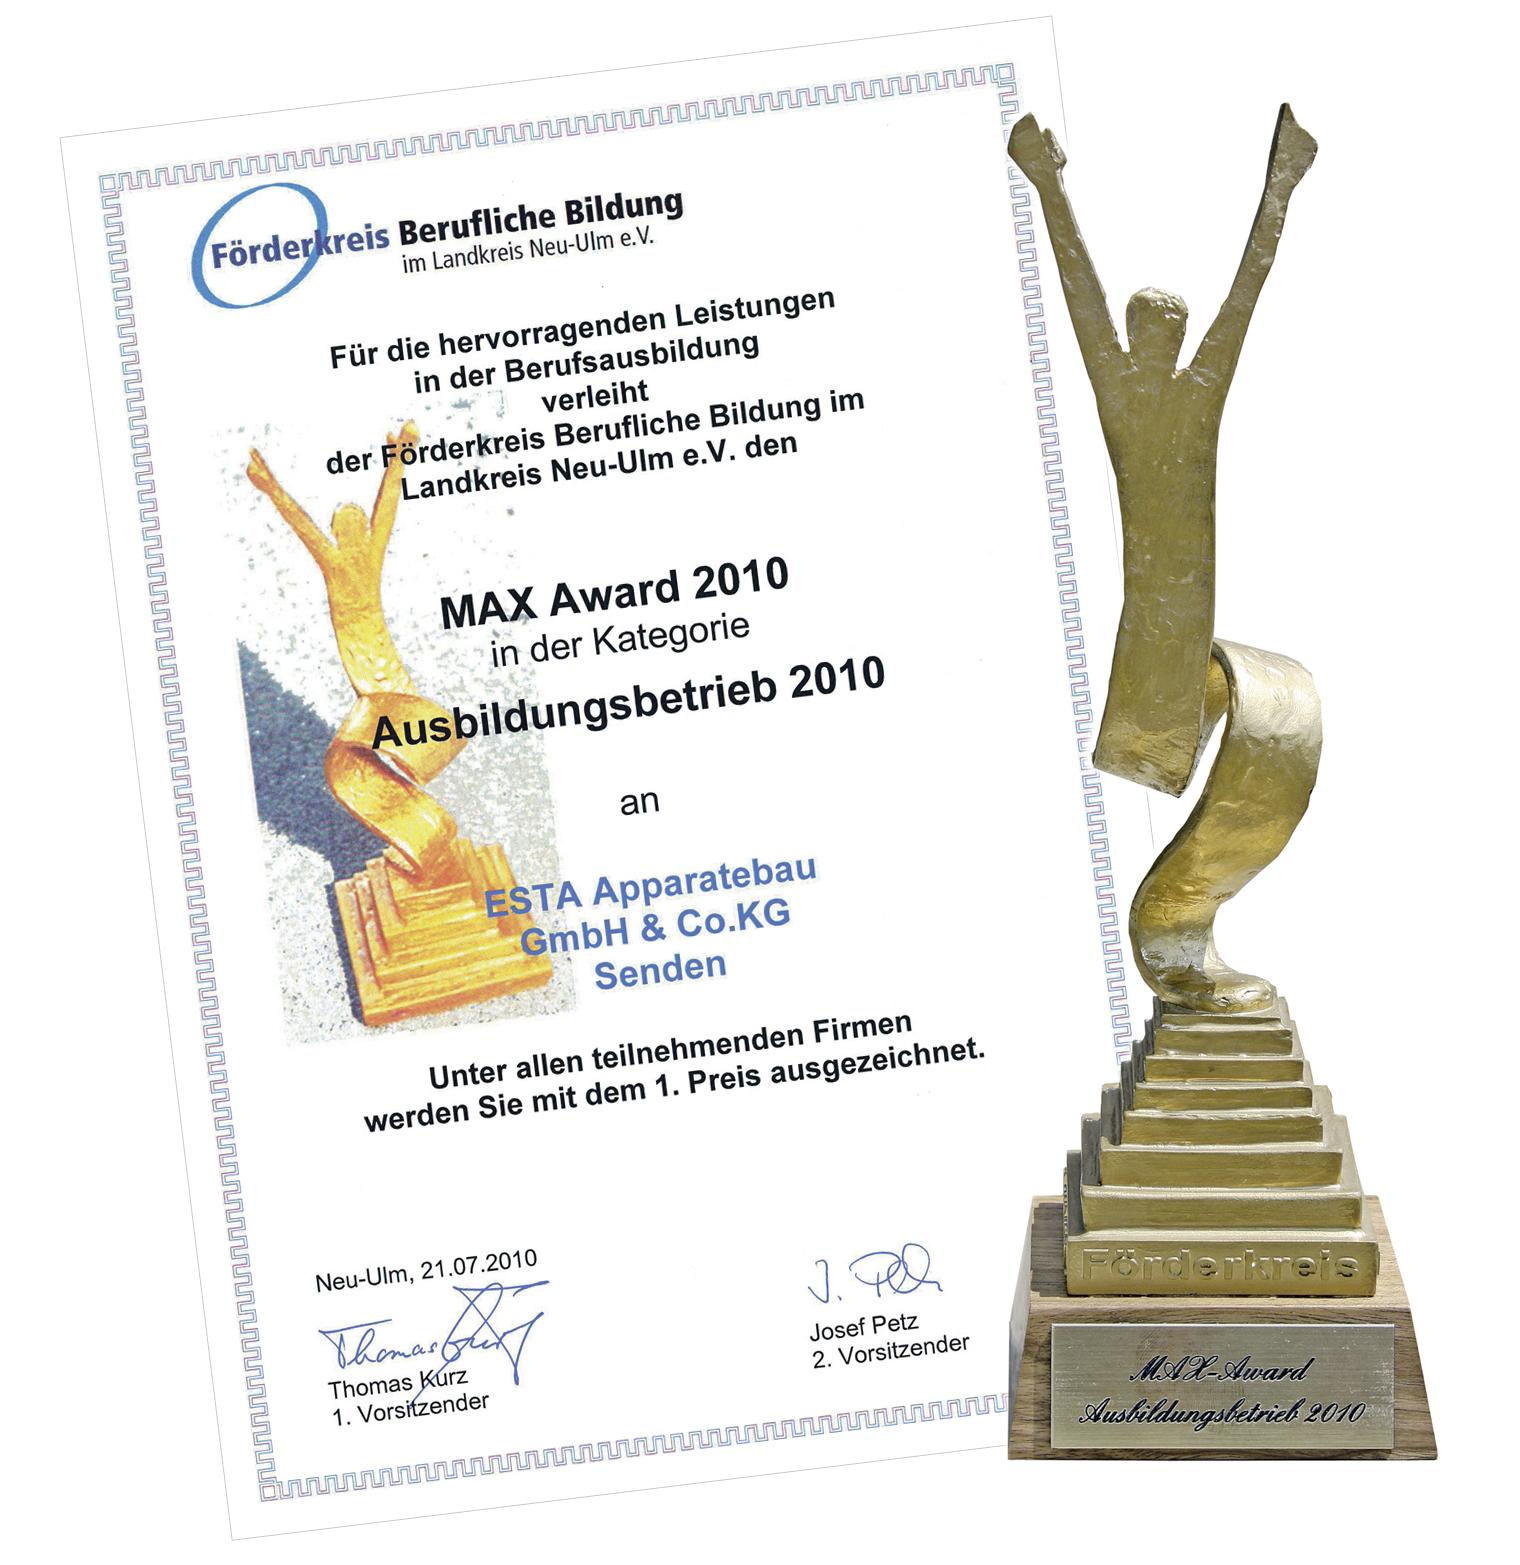 ESTA erhält den MAX Award als bester Ausbildungsbetrieb.